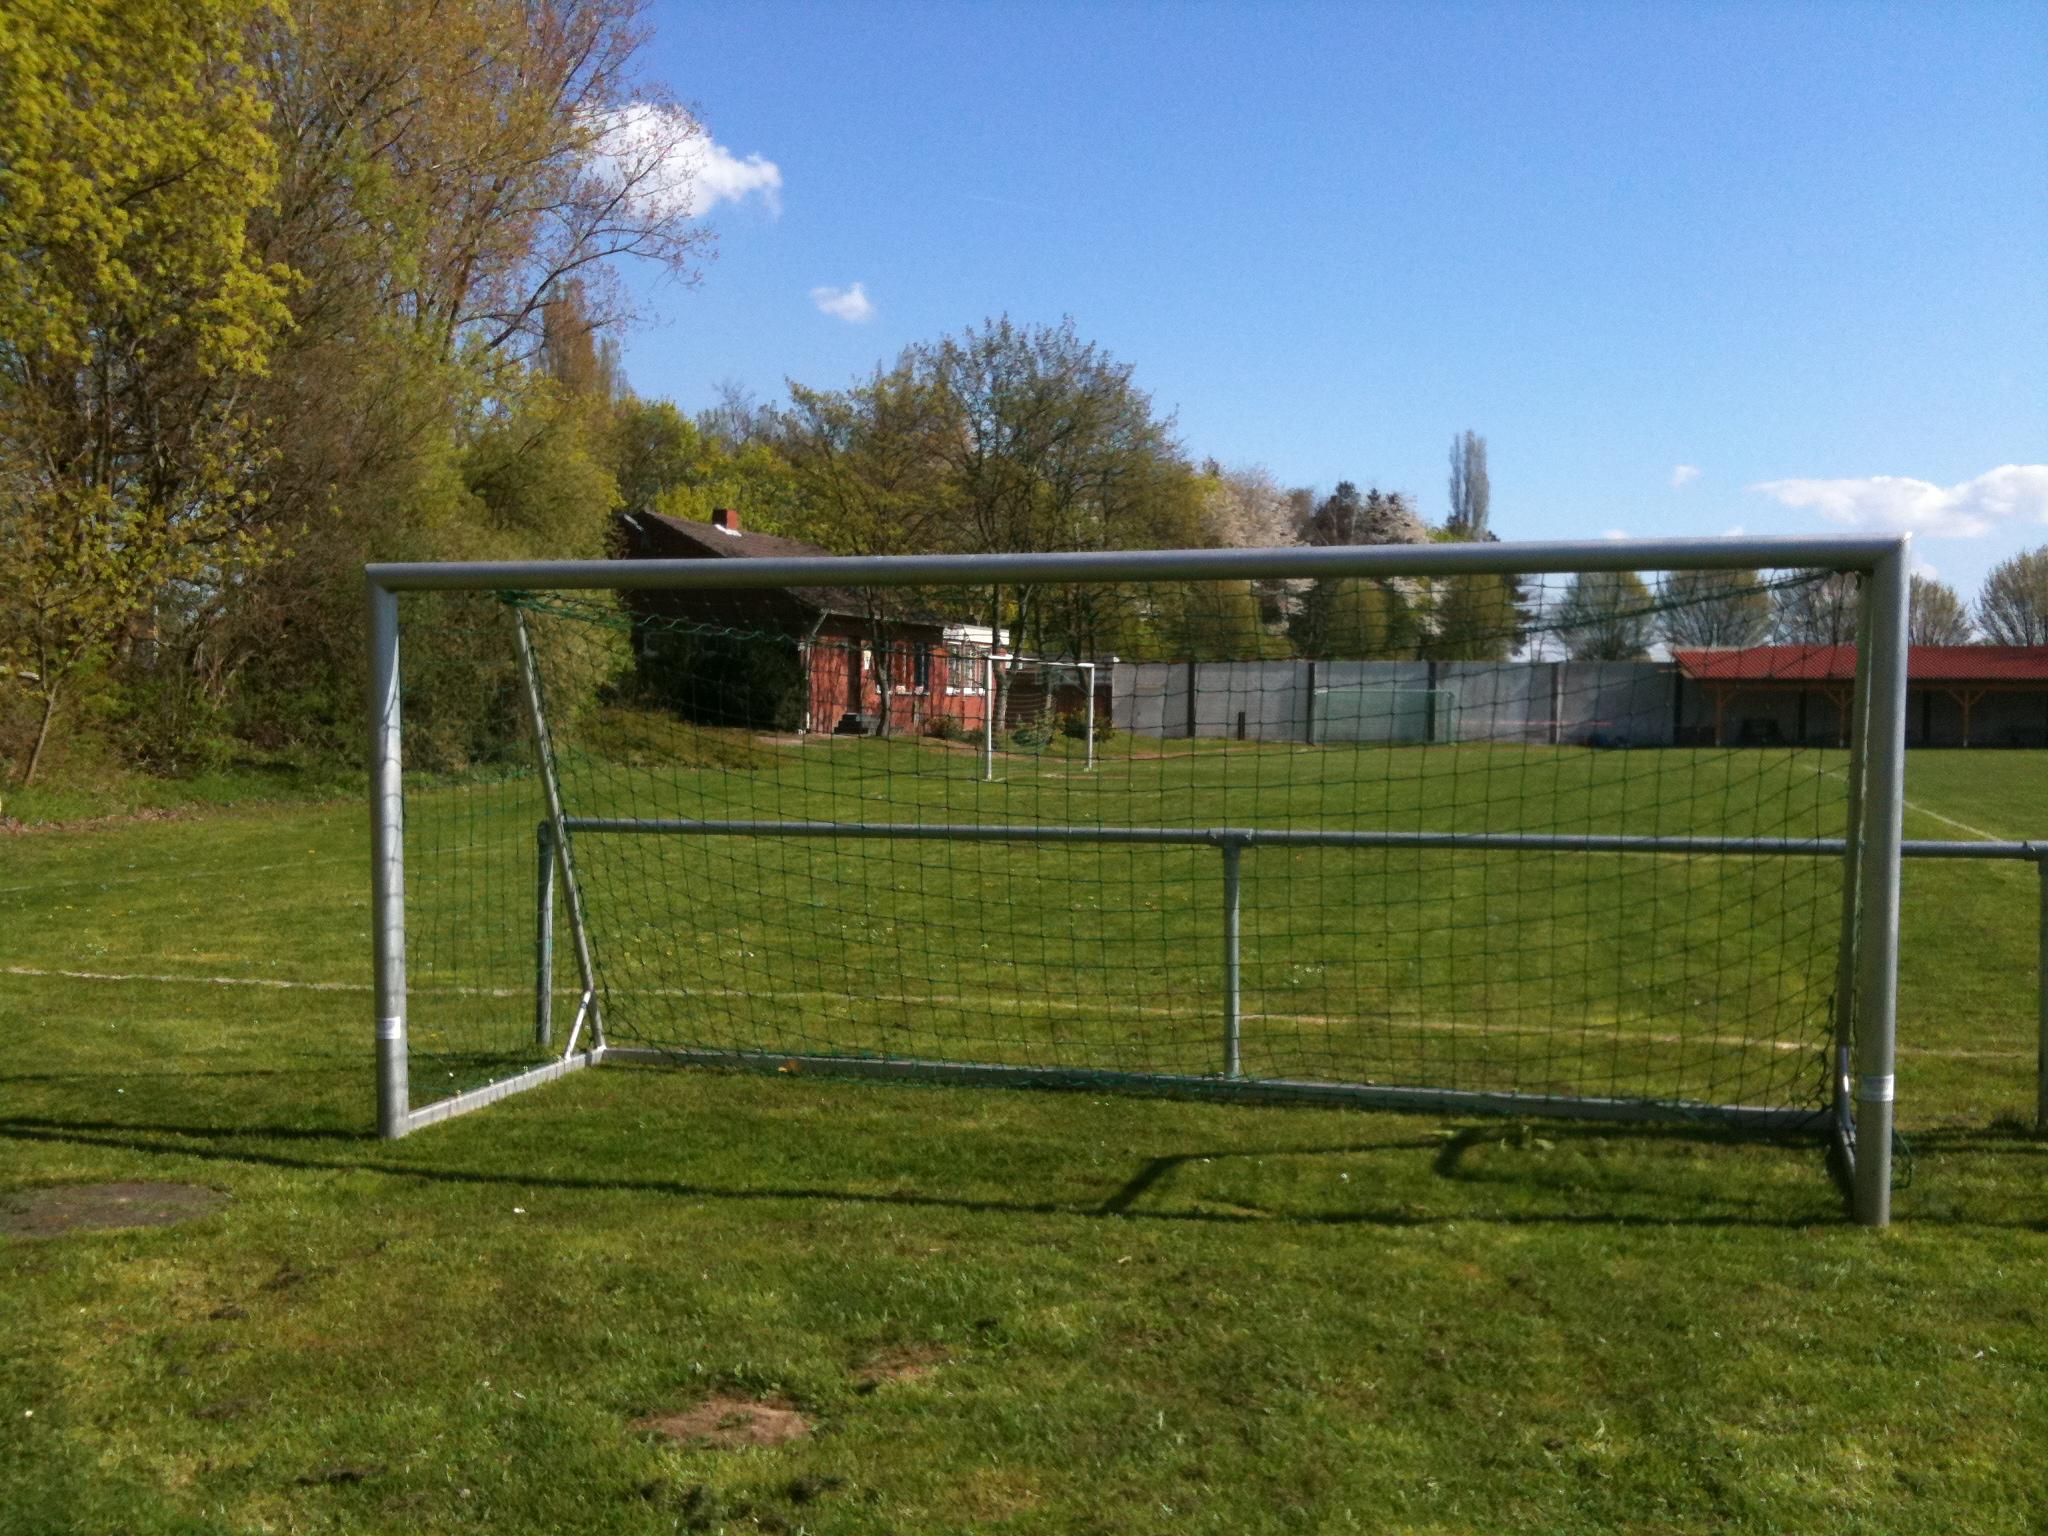 Neue Tore für den Trainings- und Spielbetrieb